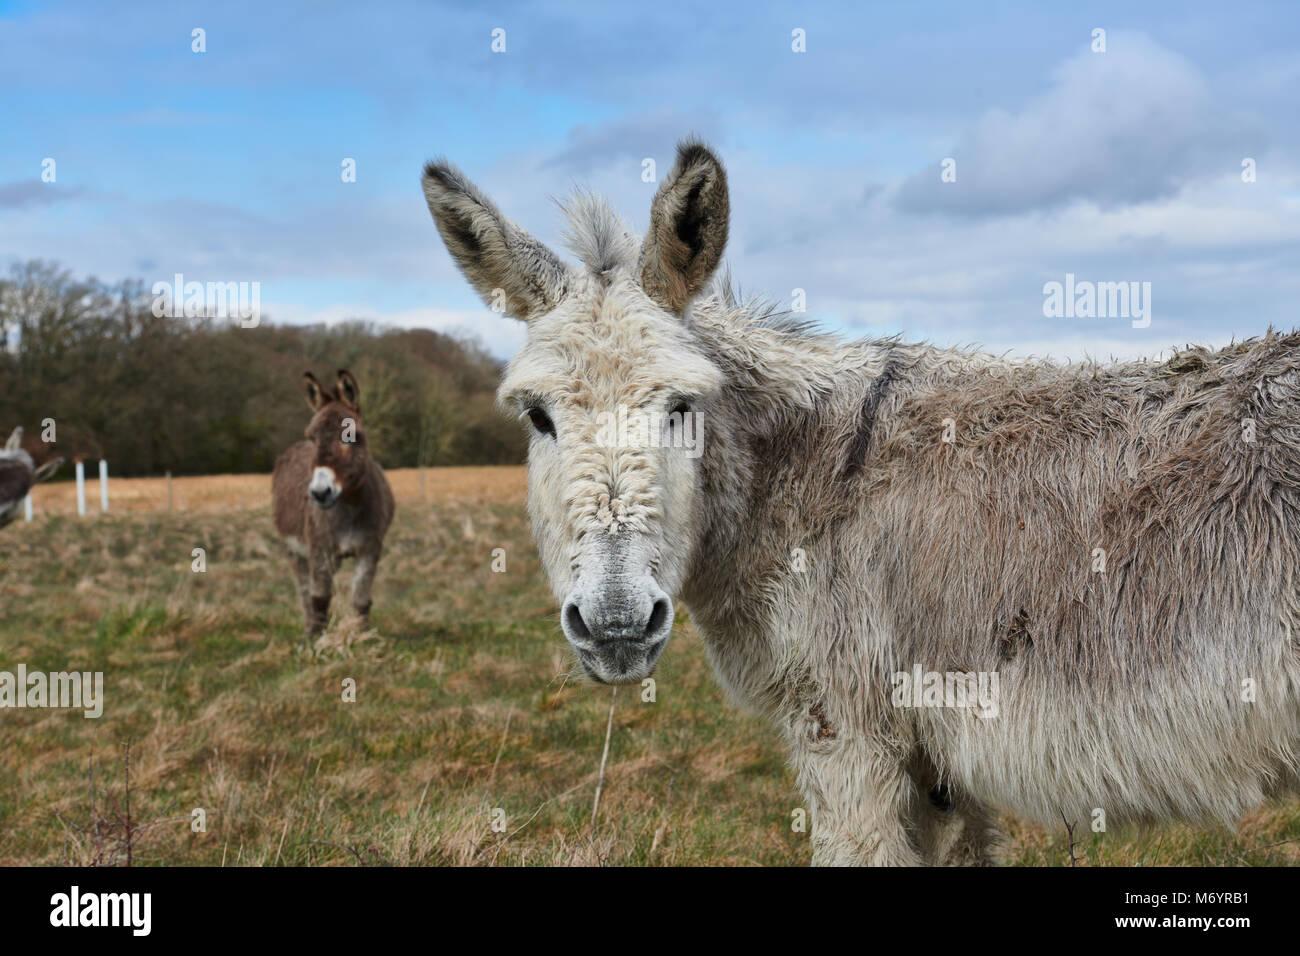 Une paire d'ânes dans un champ dans la région de New Forest, l'âne est avant de regarder Photo Stock